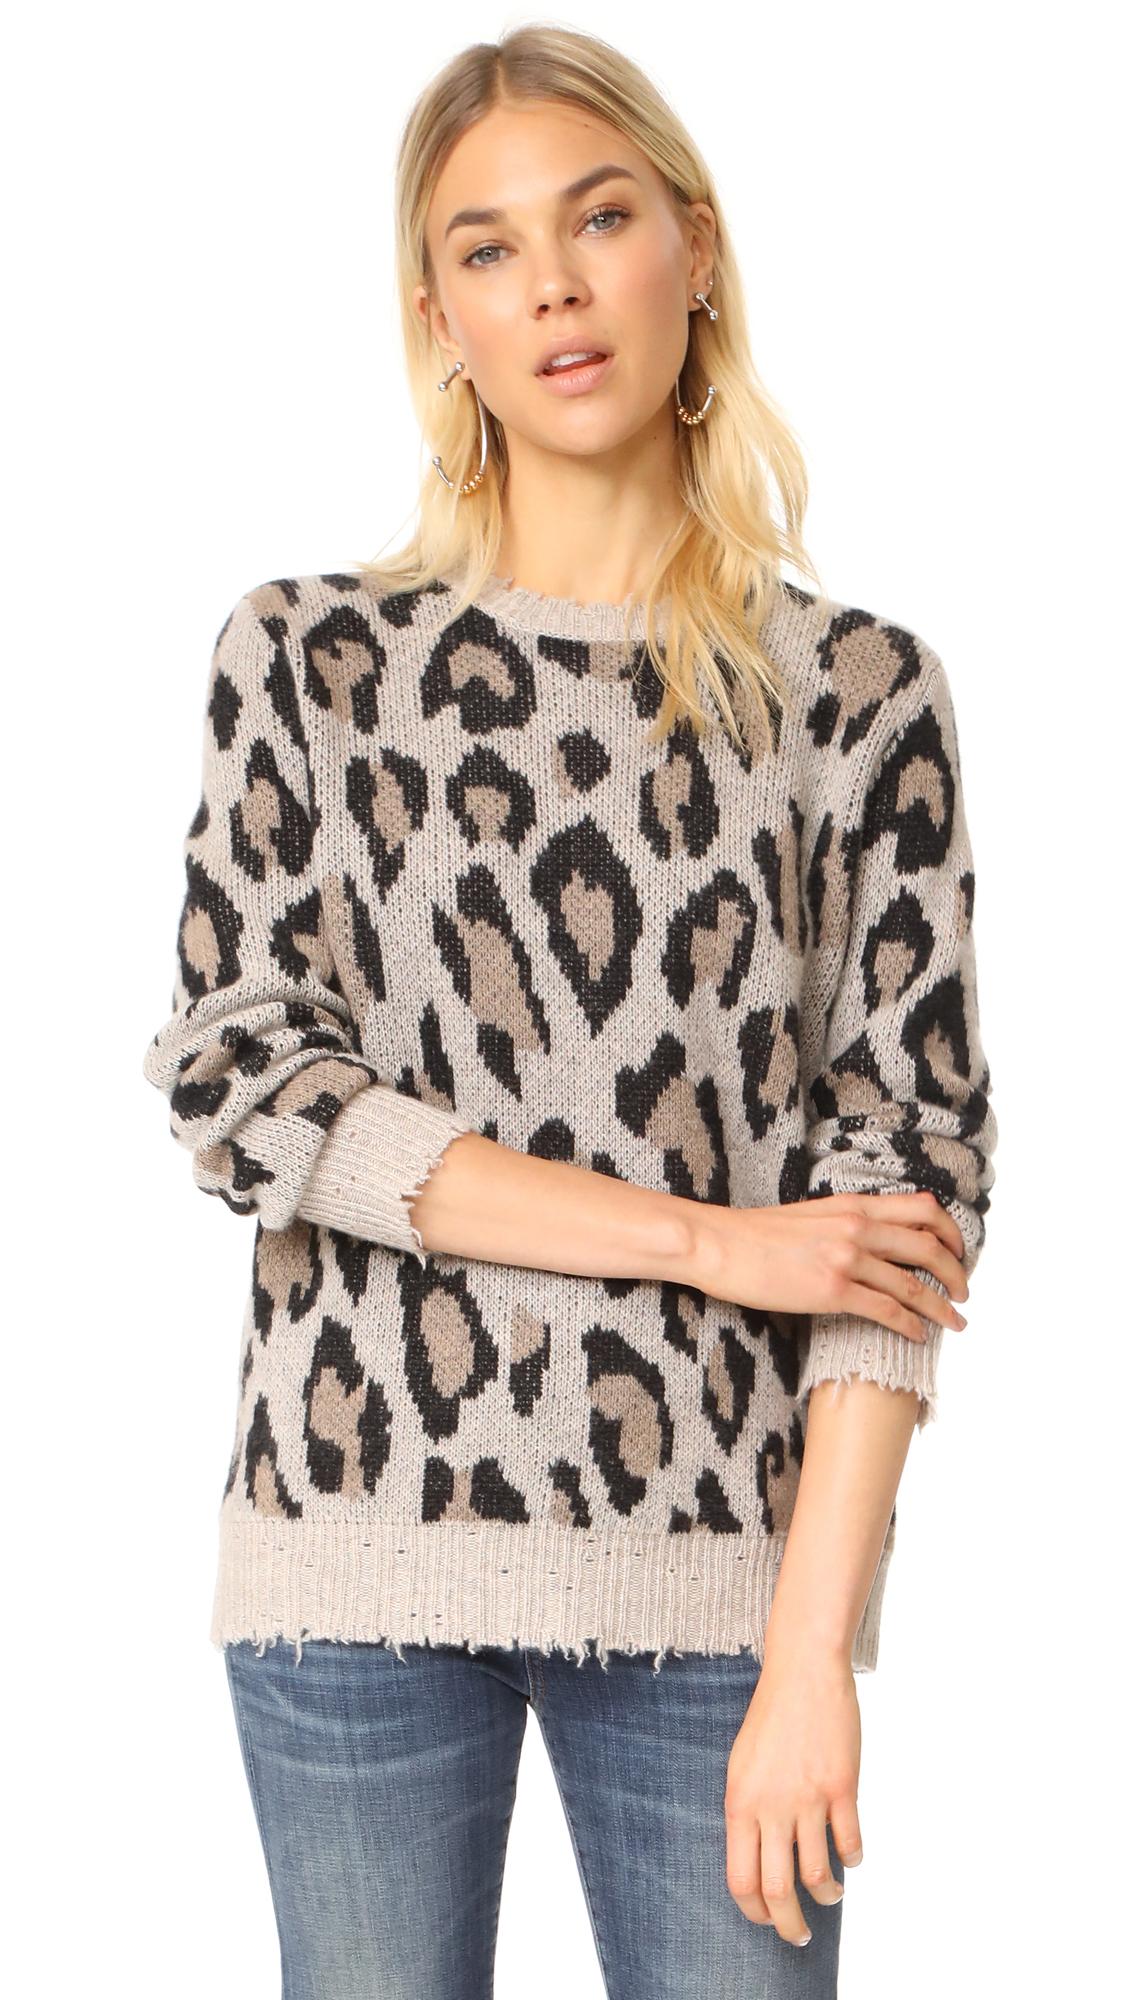 R13 Leopard Cashmere Sweater In Leopard